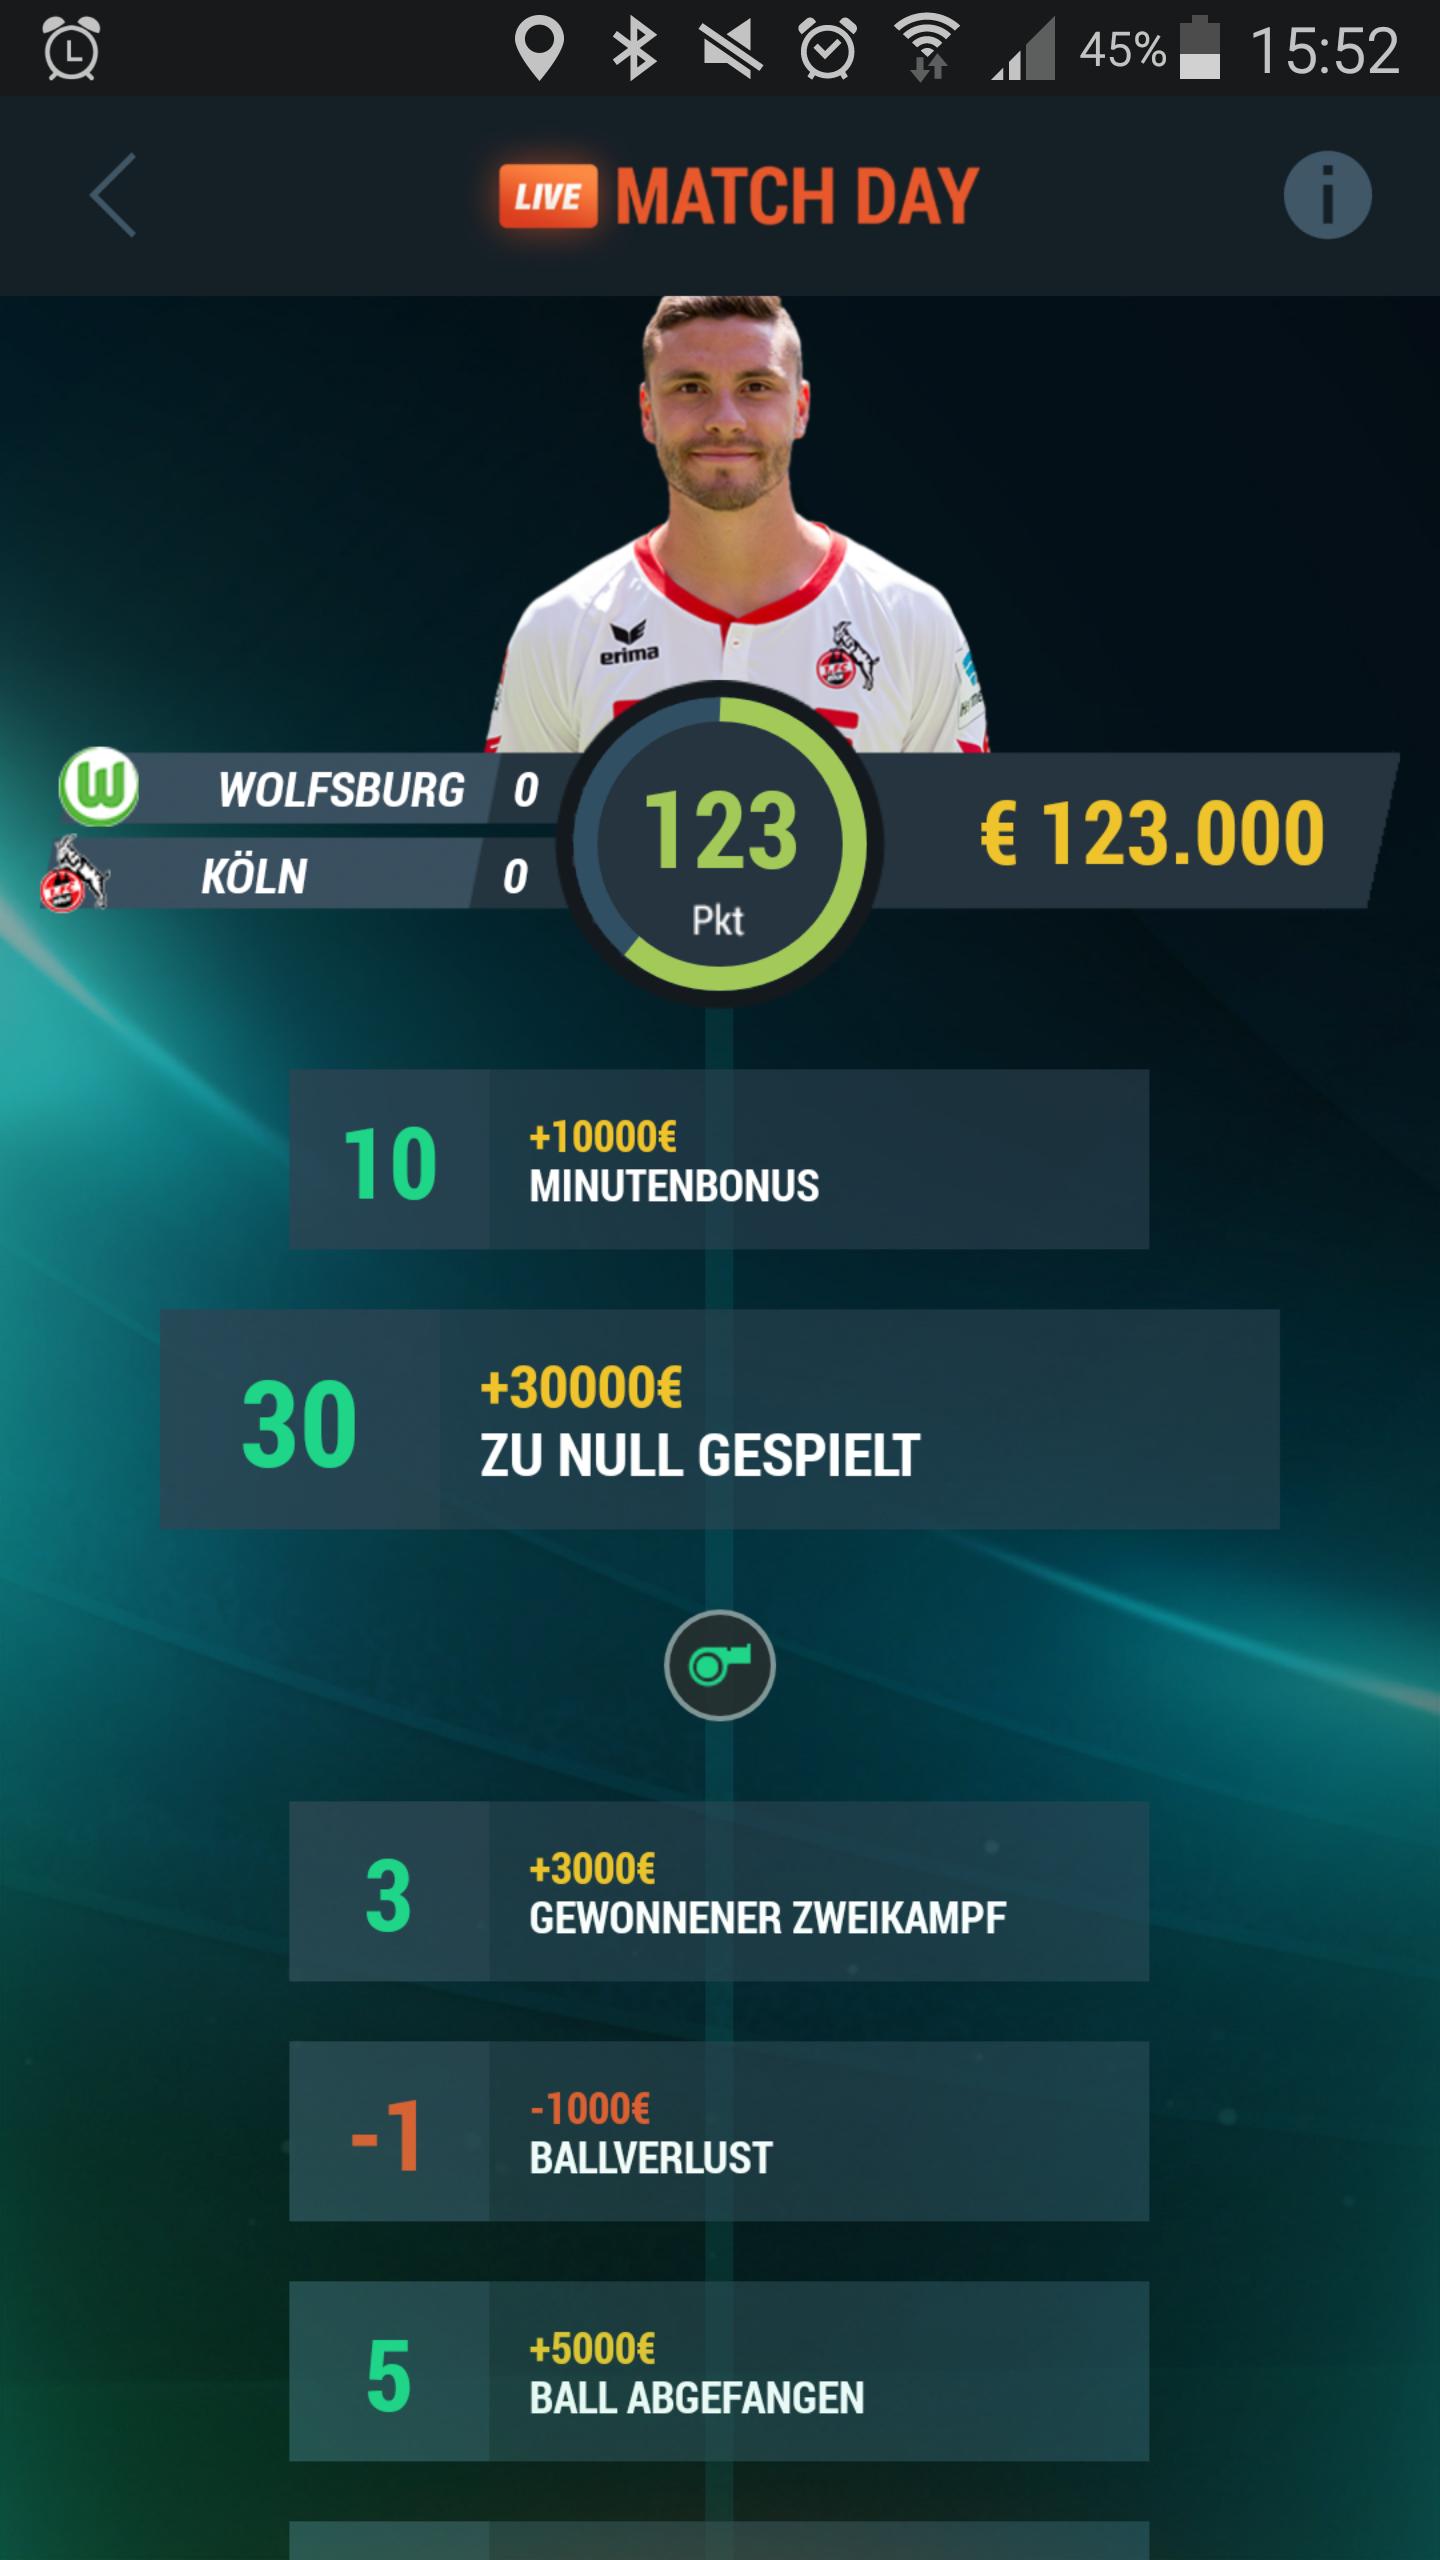 Kickbase - der bessere Fussballmanager für Android / iOS